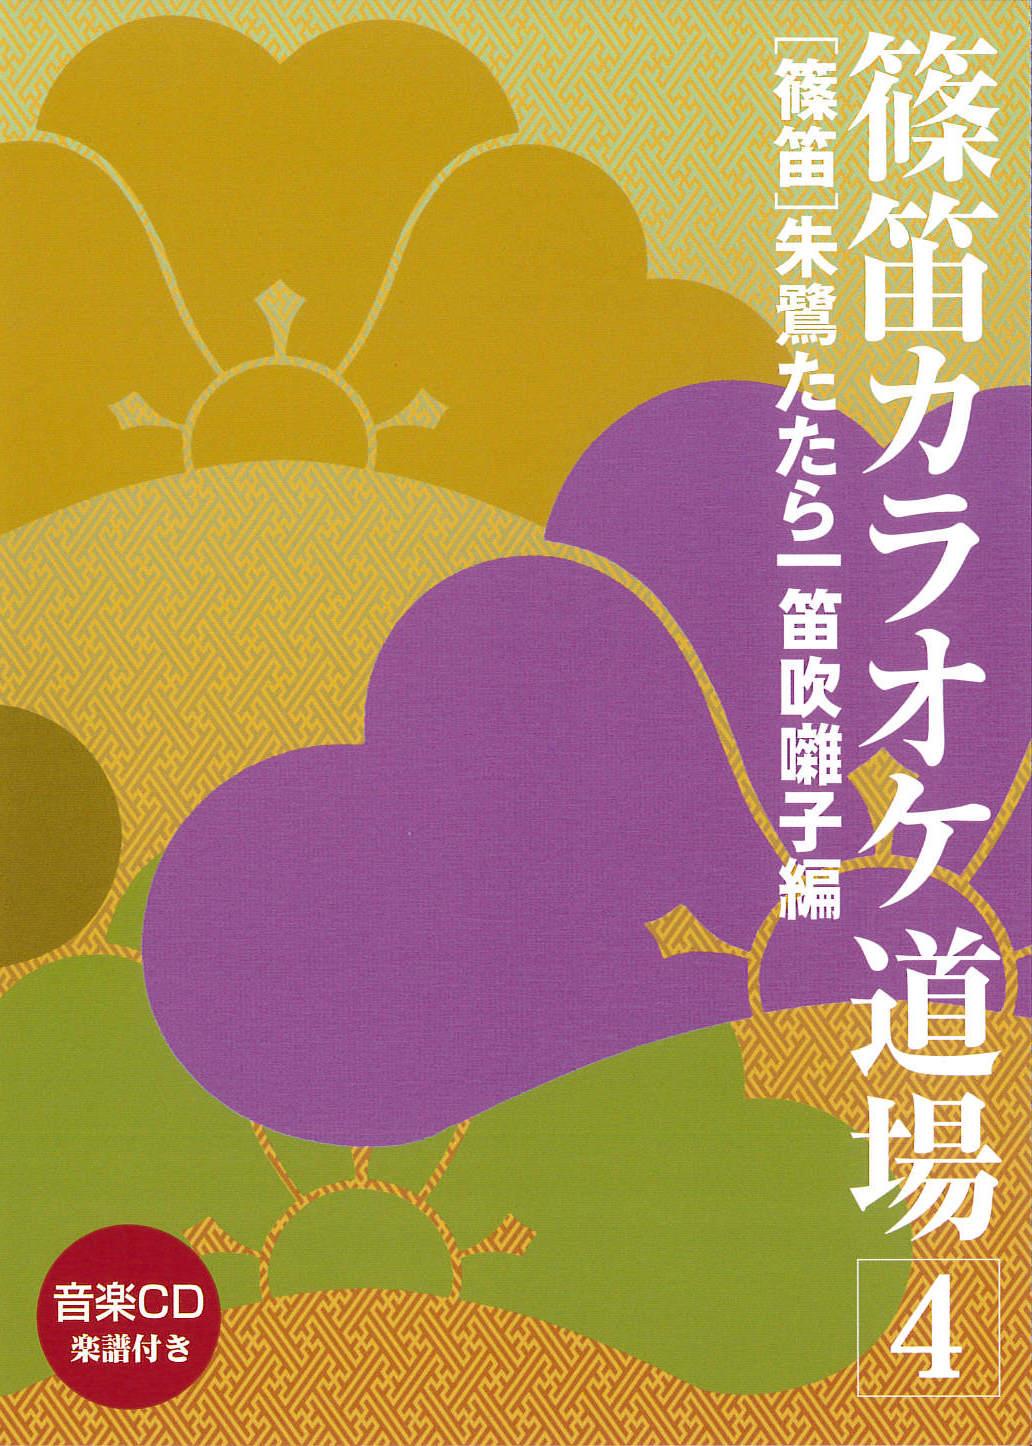 篠笛カラオケ道場4 笛吹囃子編/朱鷺たたら[31053]